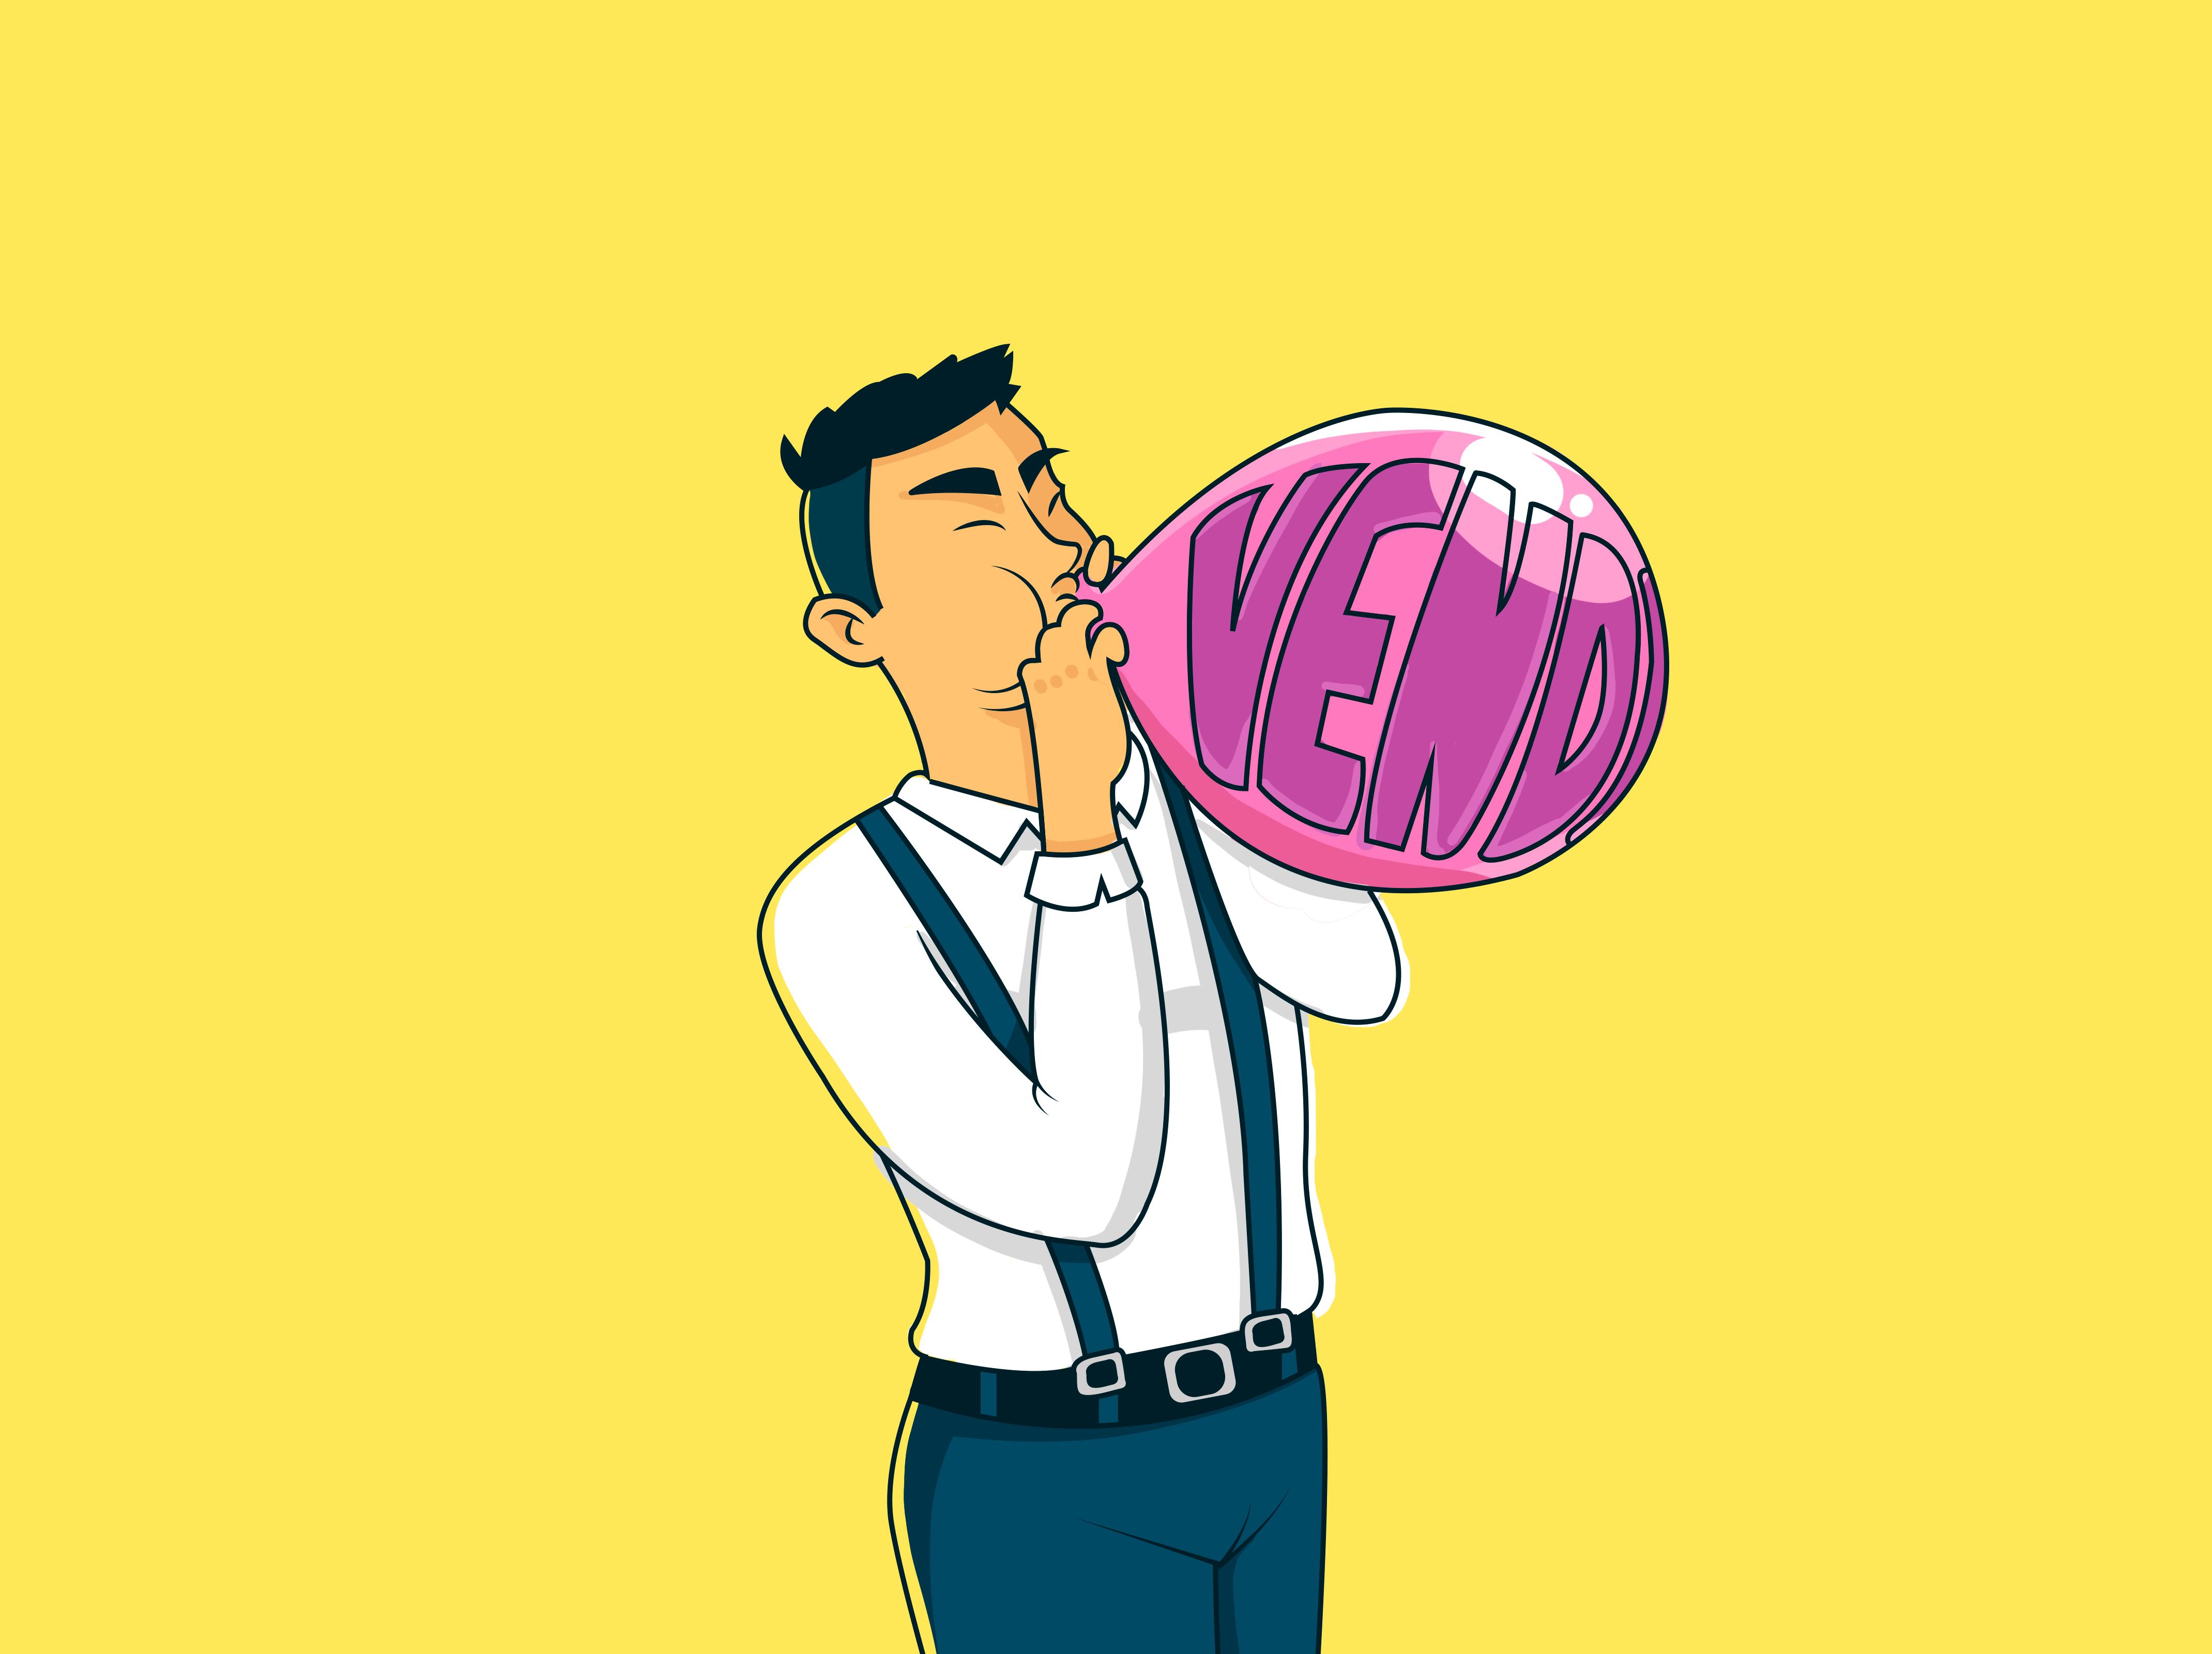 ilustração homem enchendo balão